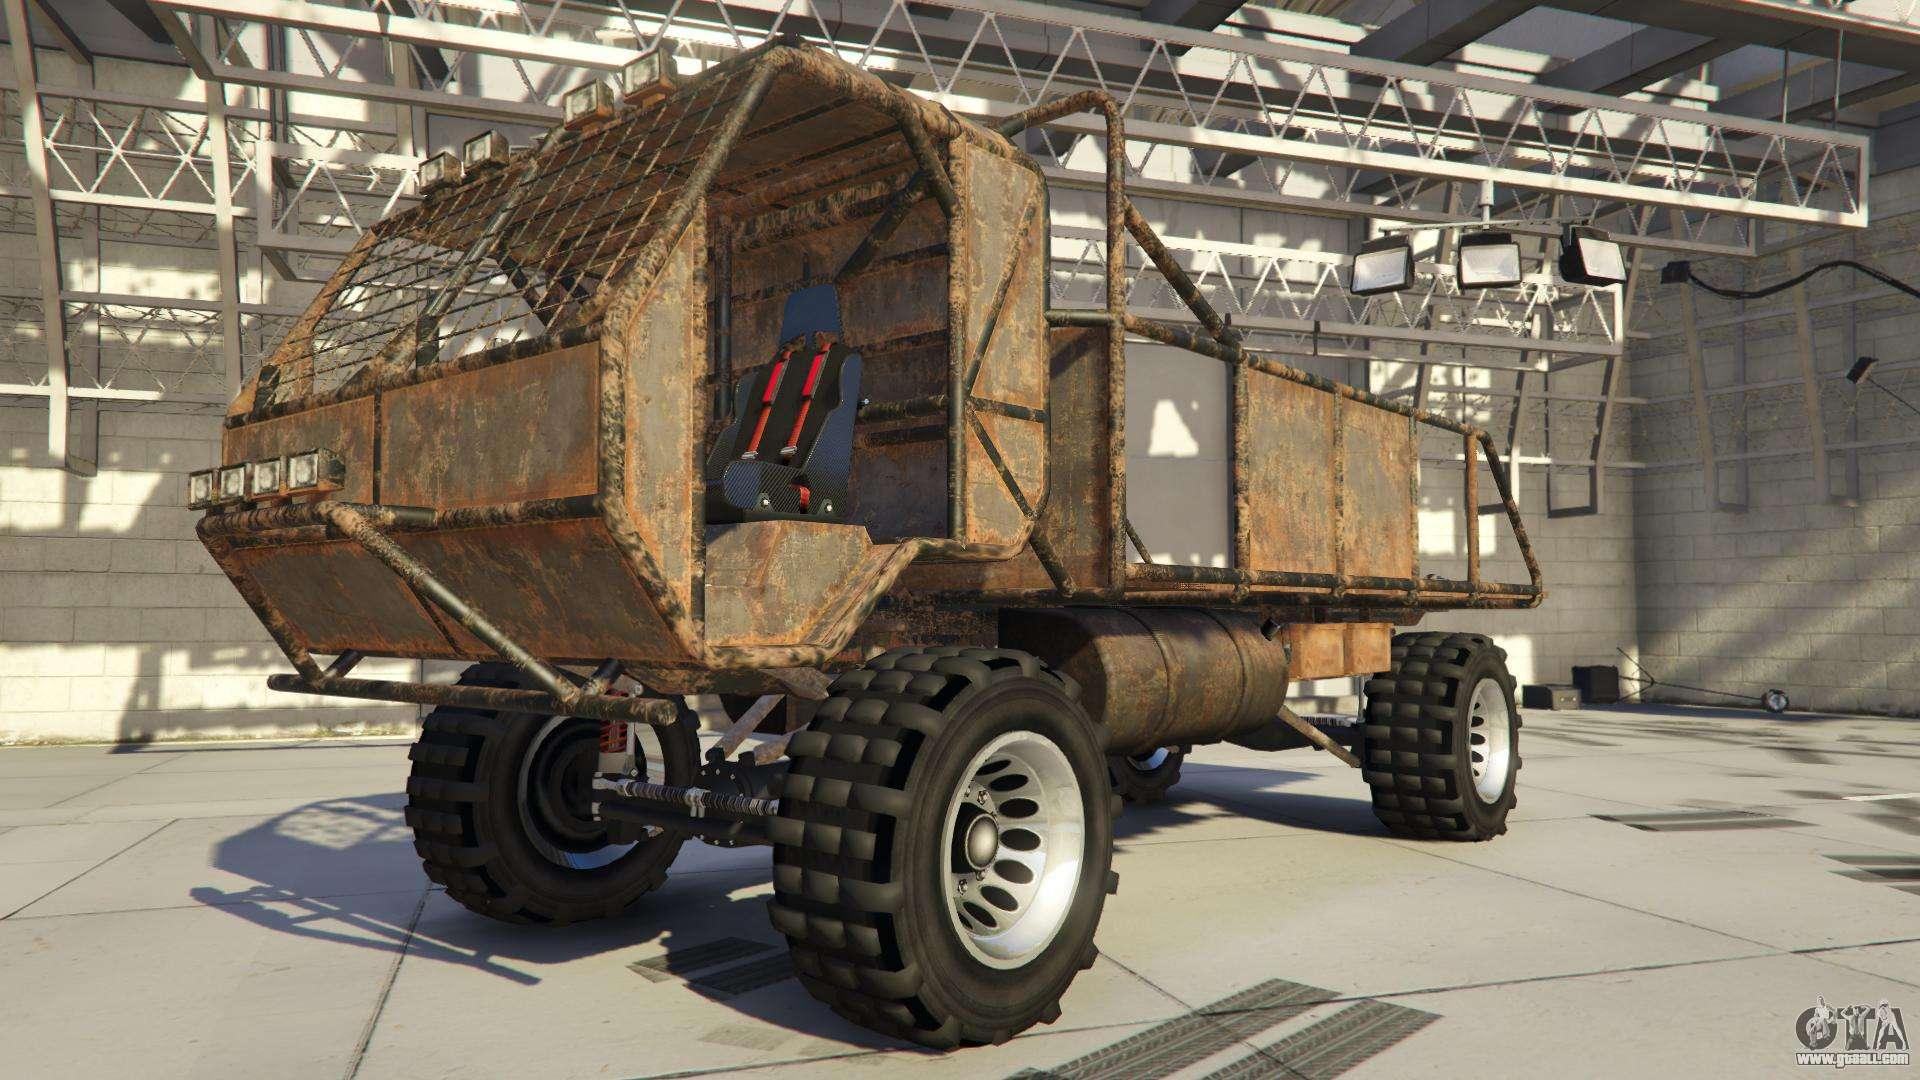 MTL Wastelander from GTA Online